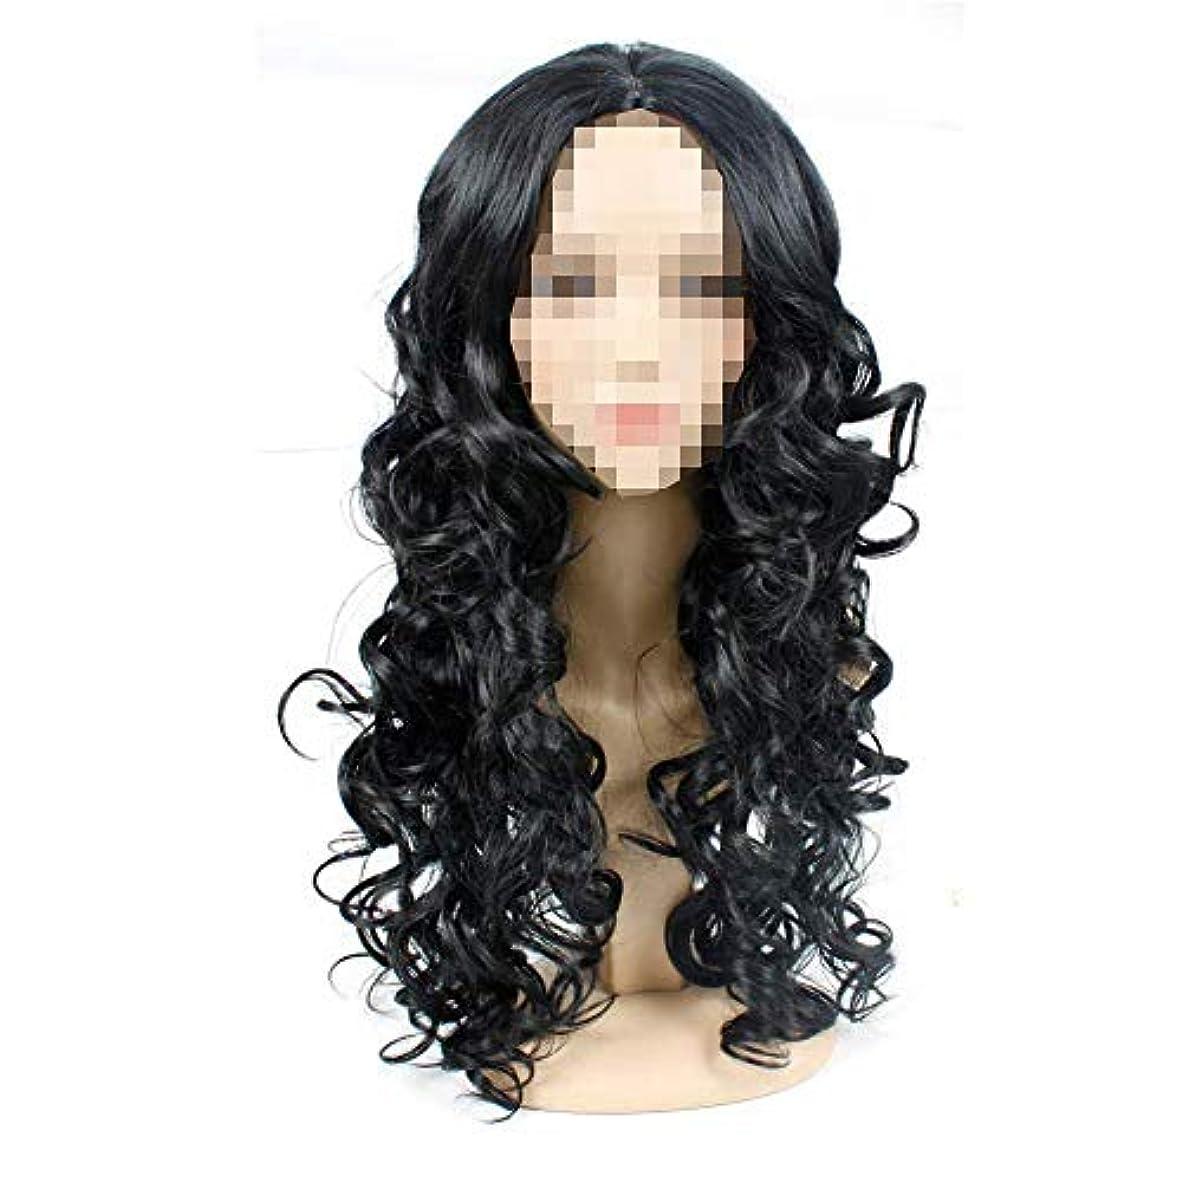 タイトル繕う人差し指ブラックカラーロングウェーブ人工毛ウィッグ女性用コスプレウィッグミディアムロングカーリーヘア耐性髪/ハロウィンパーティー